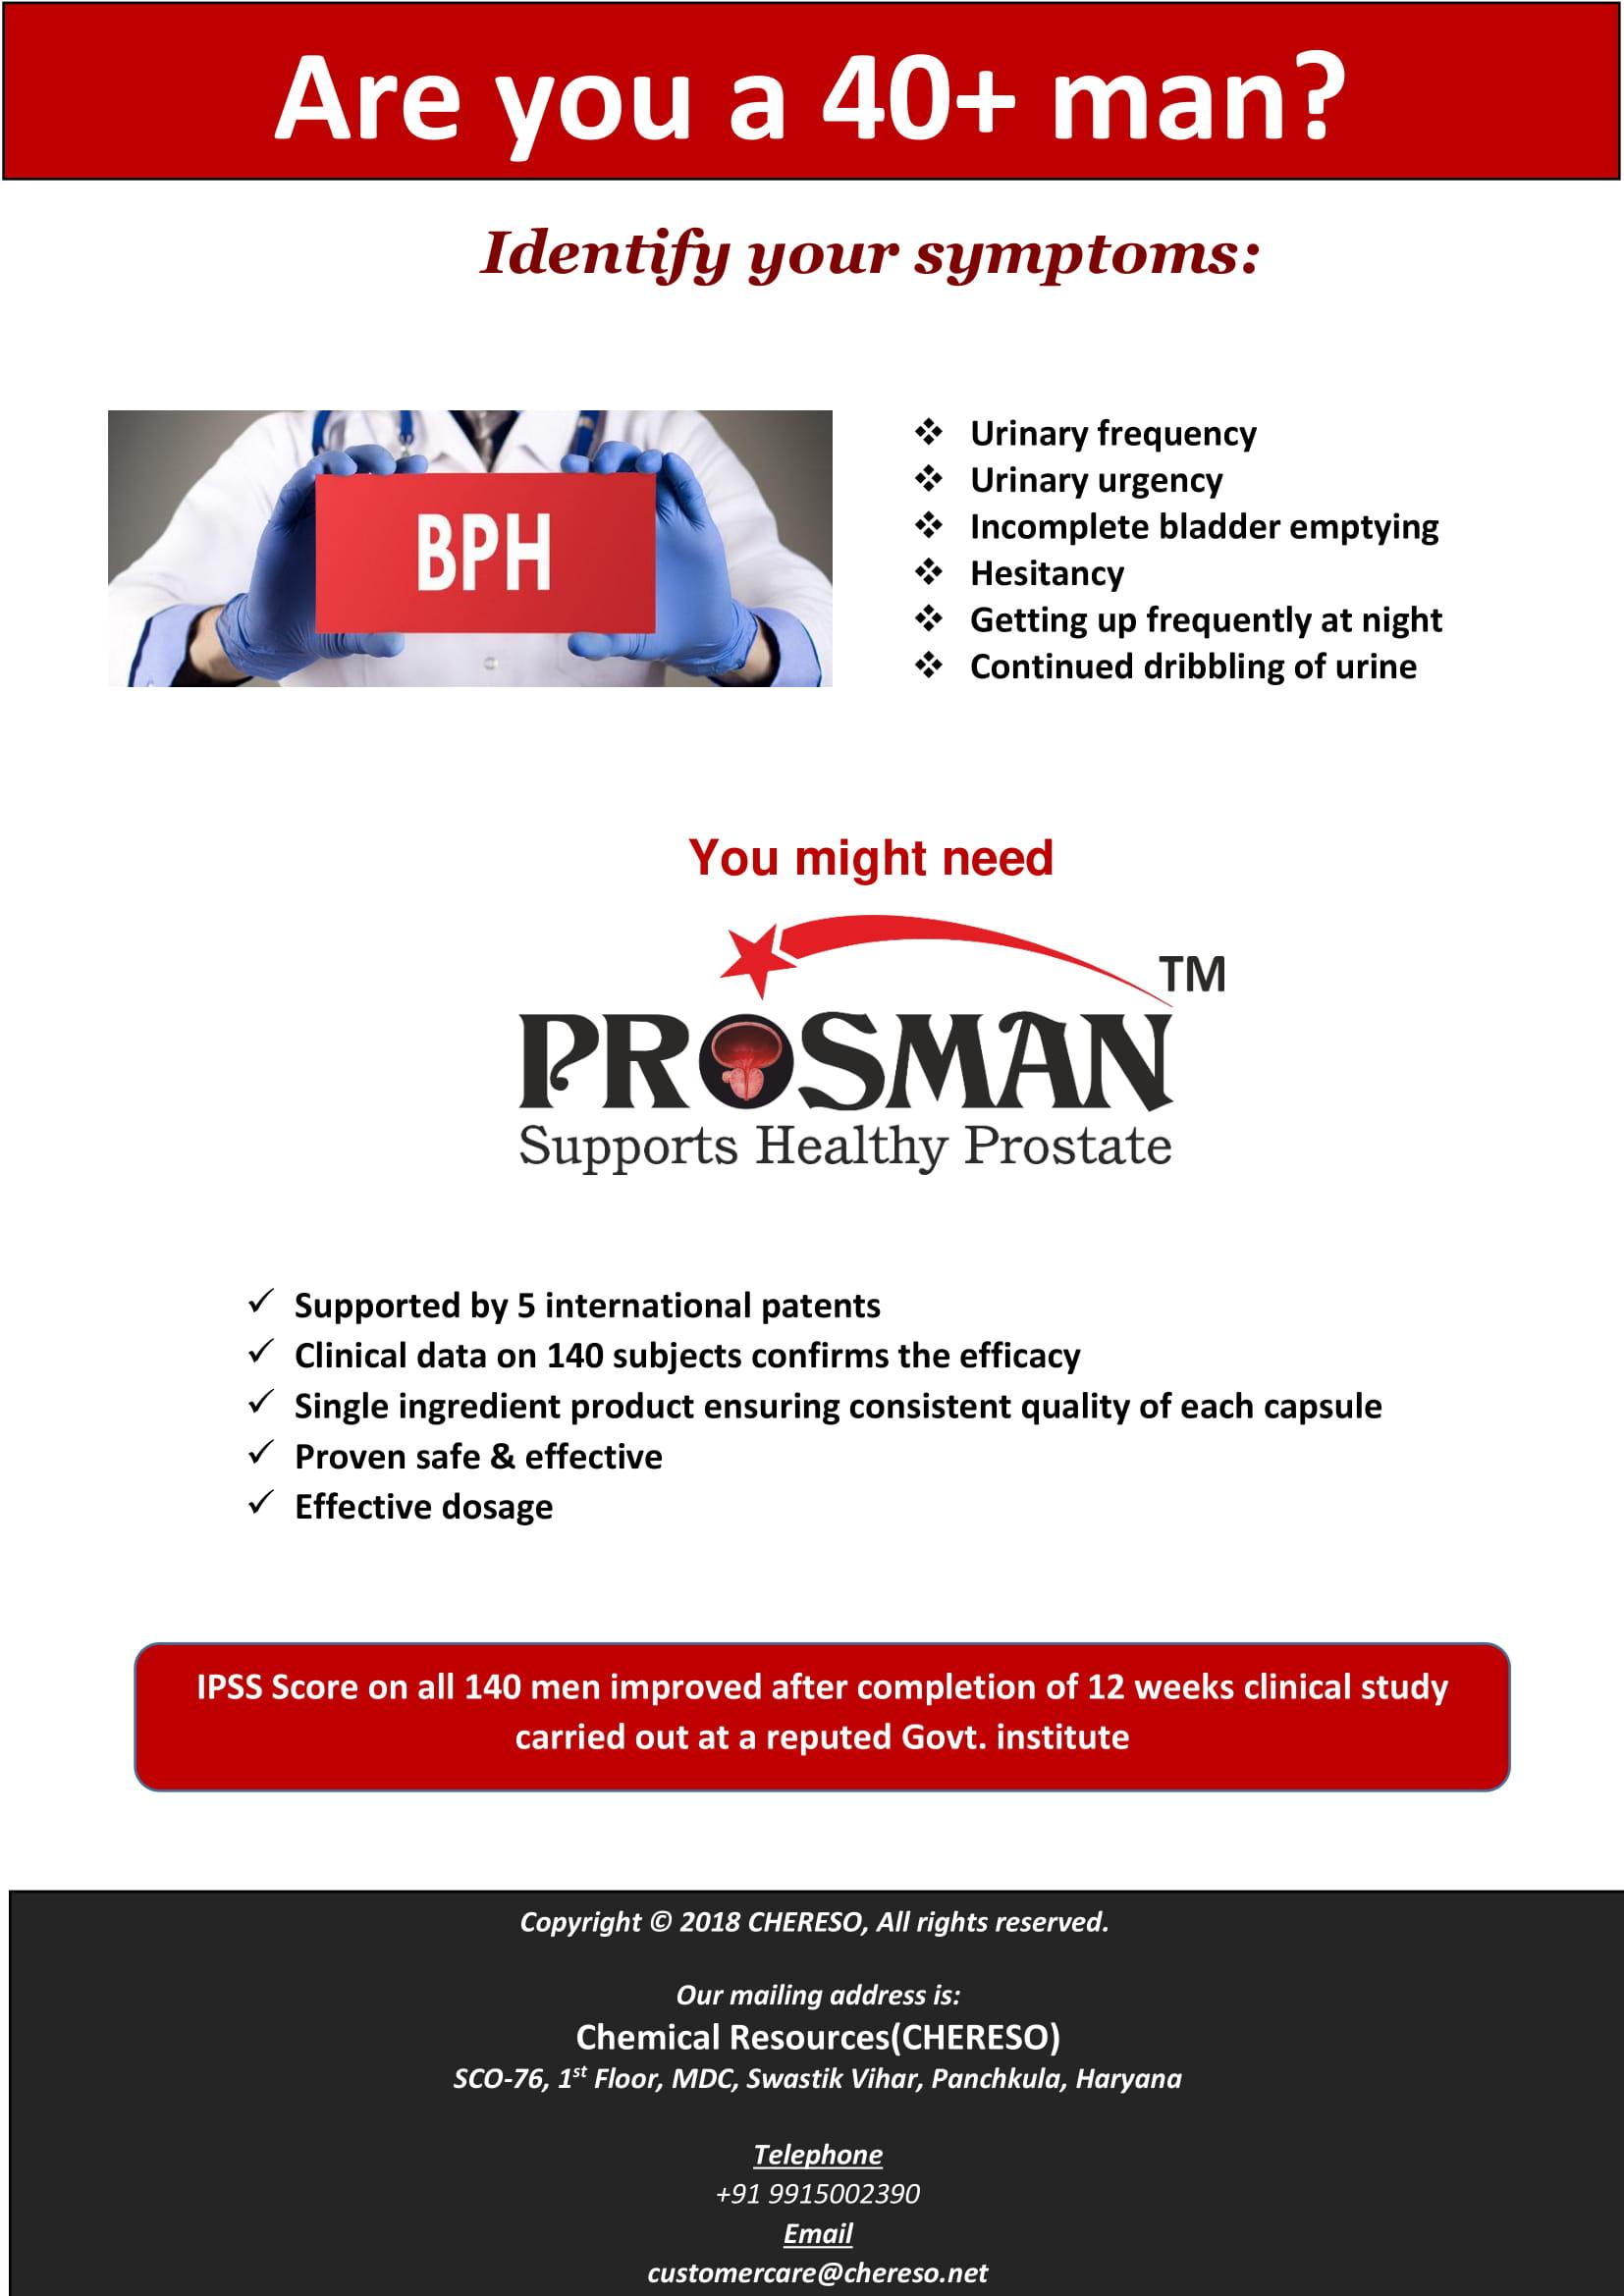 Prosman newsletter-1